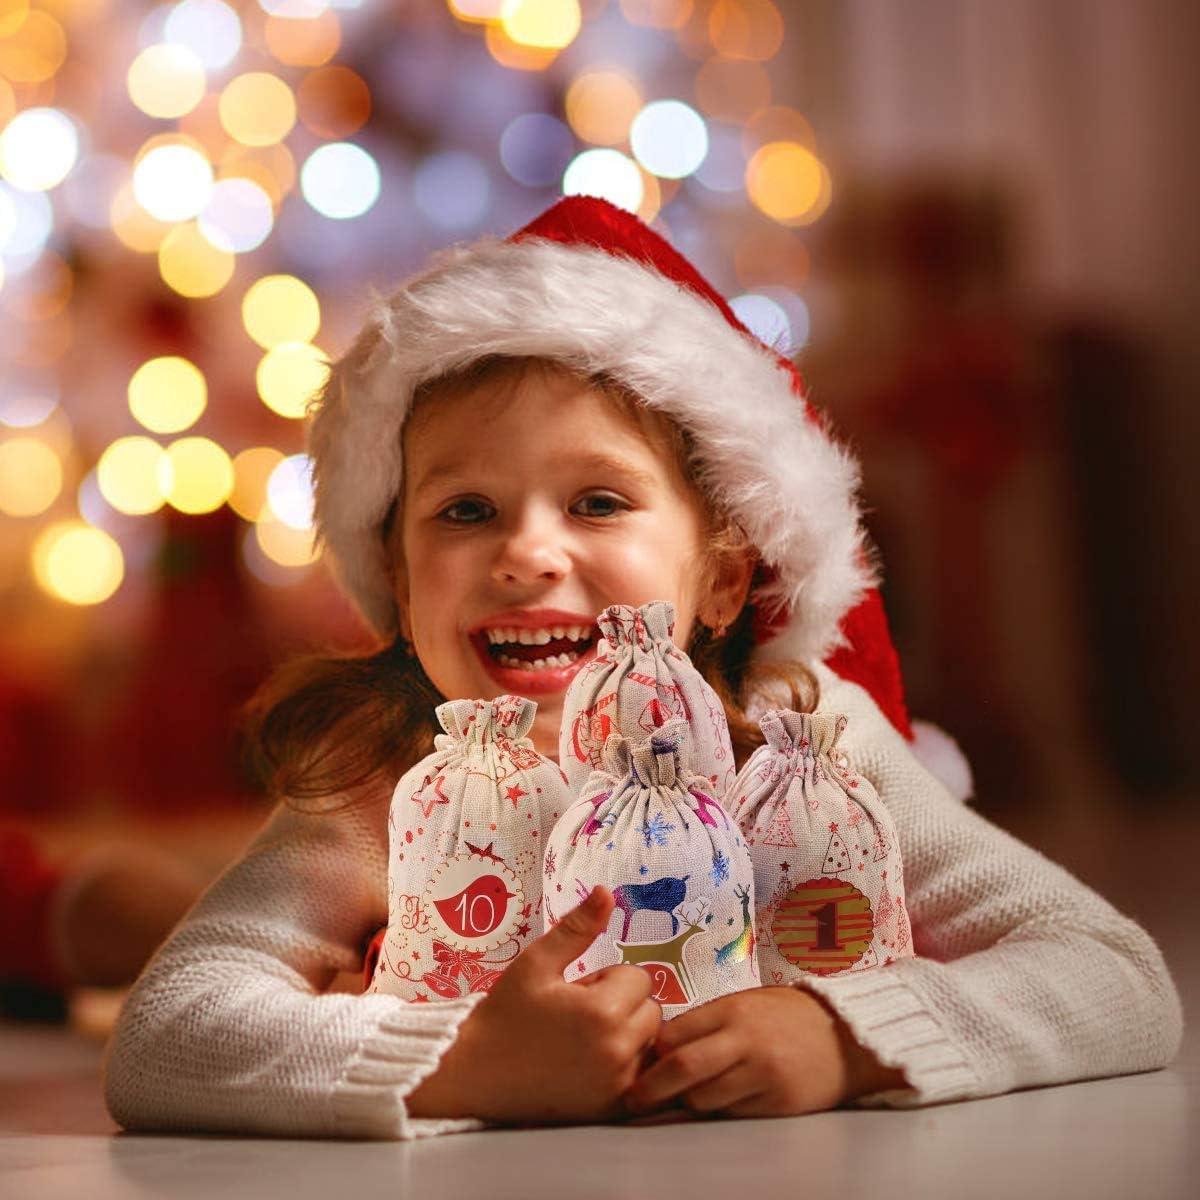 Relleno Artesanal de Bricolaje Simon Lee Woodham 24 Bolsas de Calendario de Adviento Bolsas Peque/ñas DIY Calendarios de Adviento para Navidad Bolsas de Calendario de Adviento de Navidad